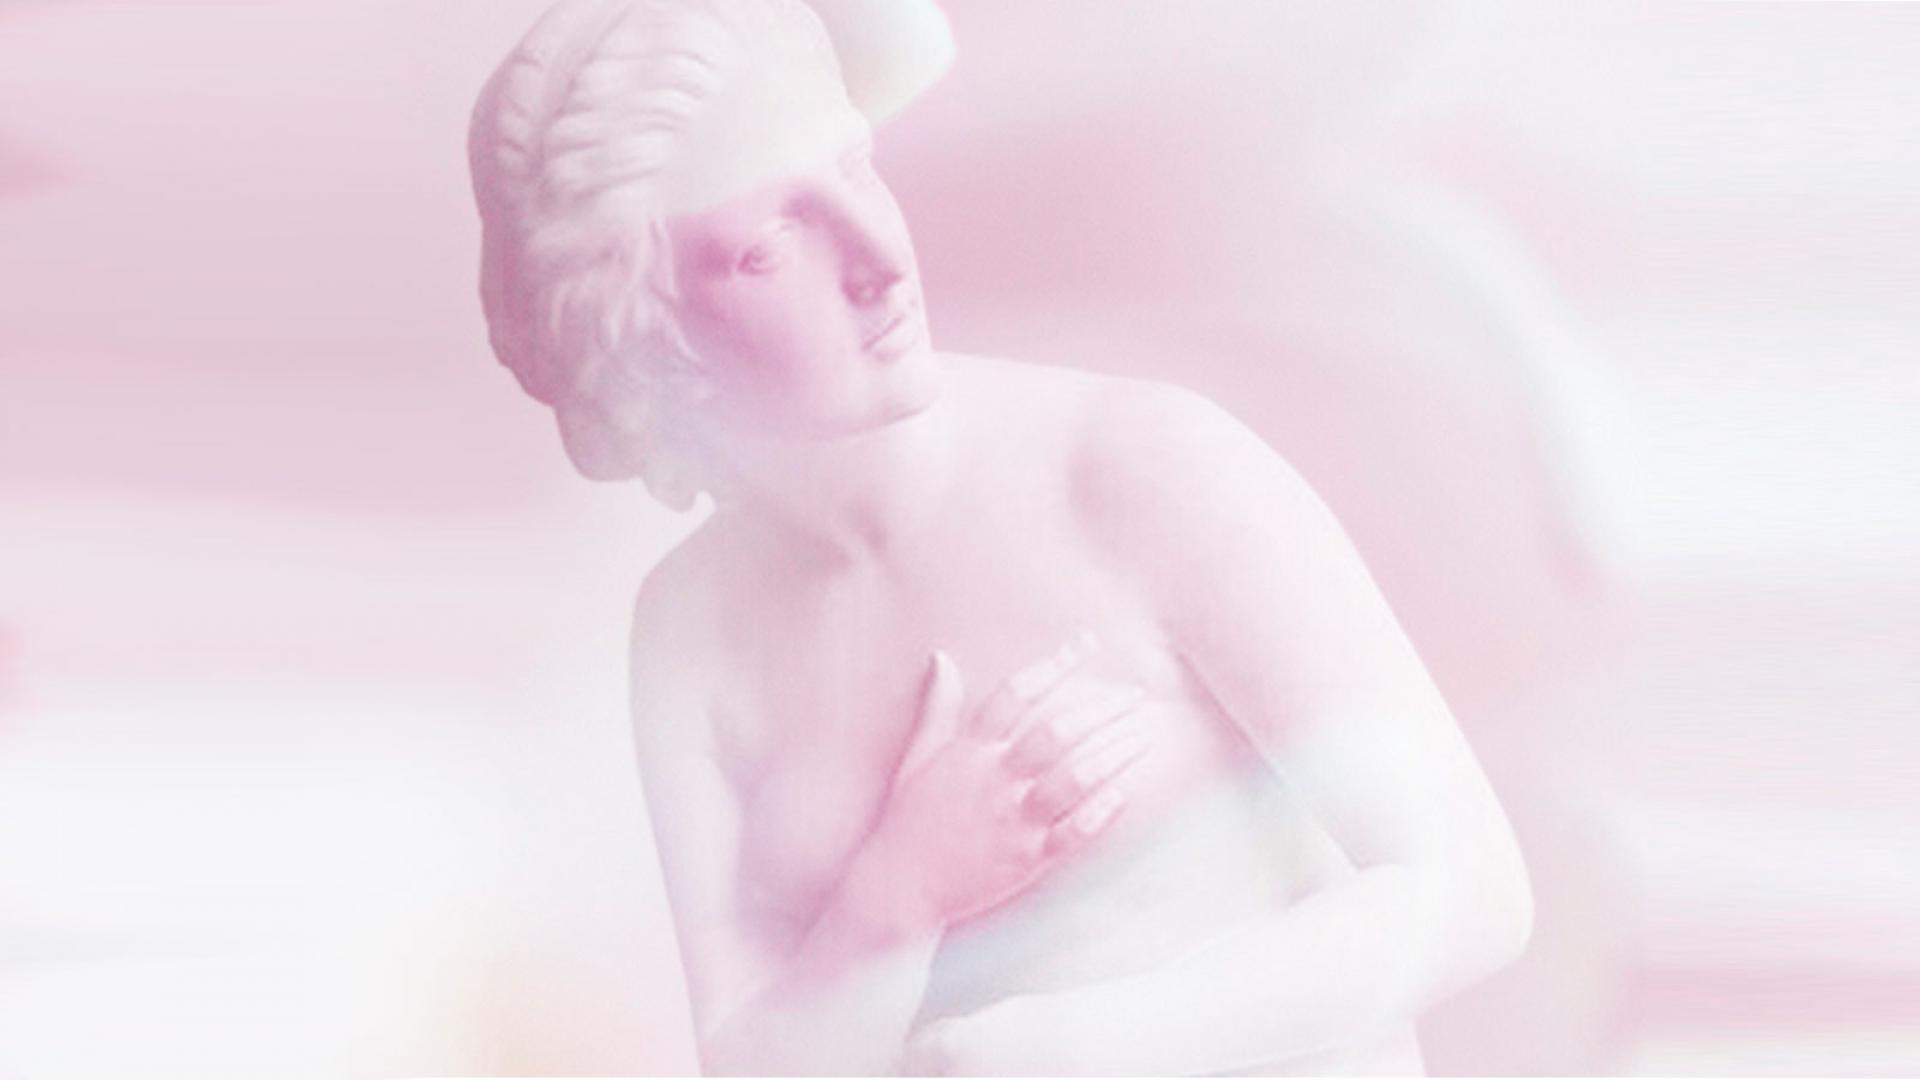 Открыта запись на новый курс дистанционного образования - «Заболевания молочной железы: практические рекомендации»